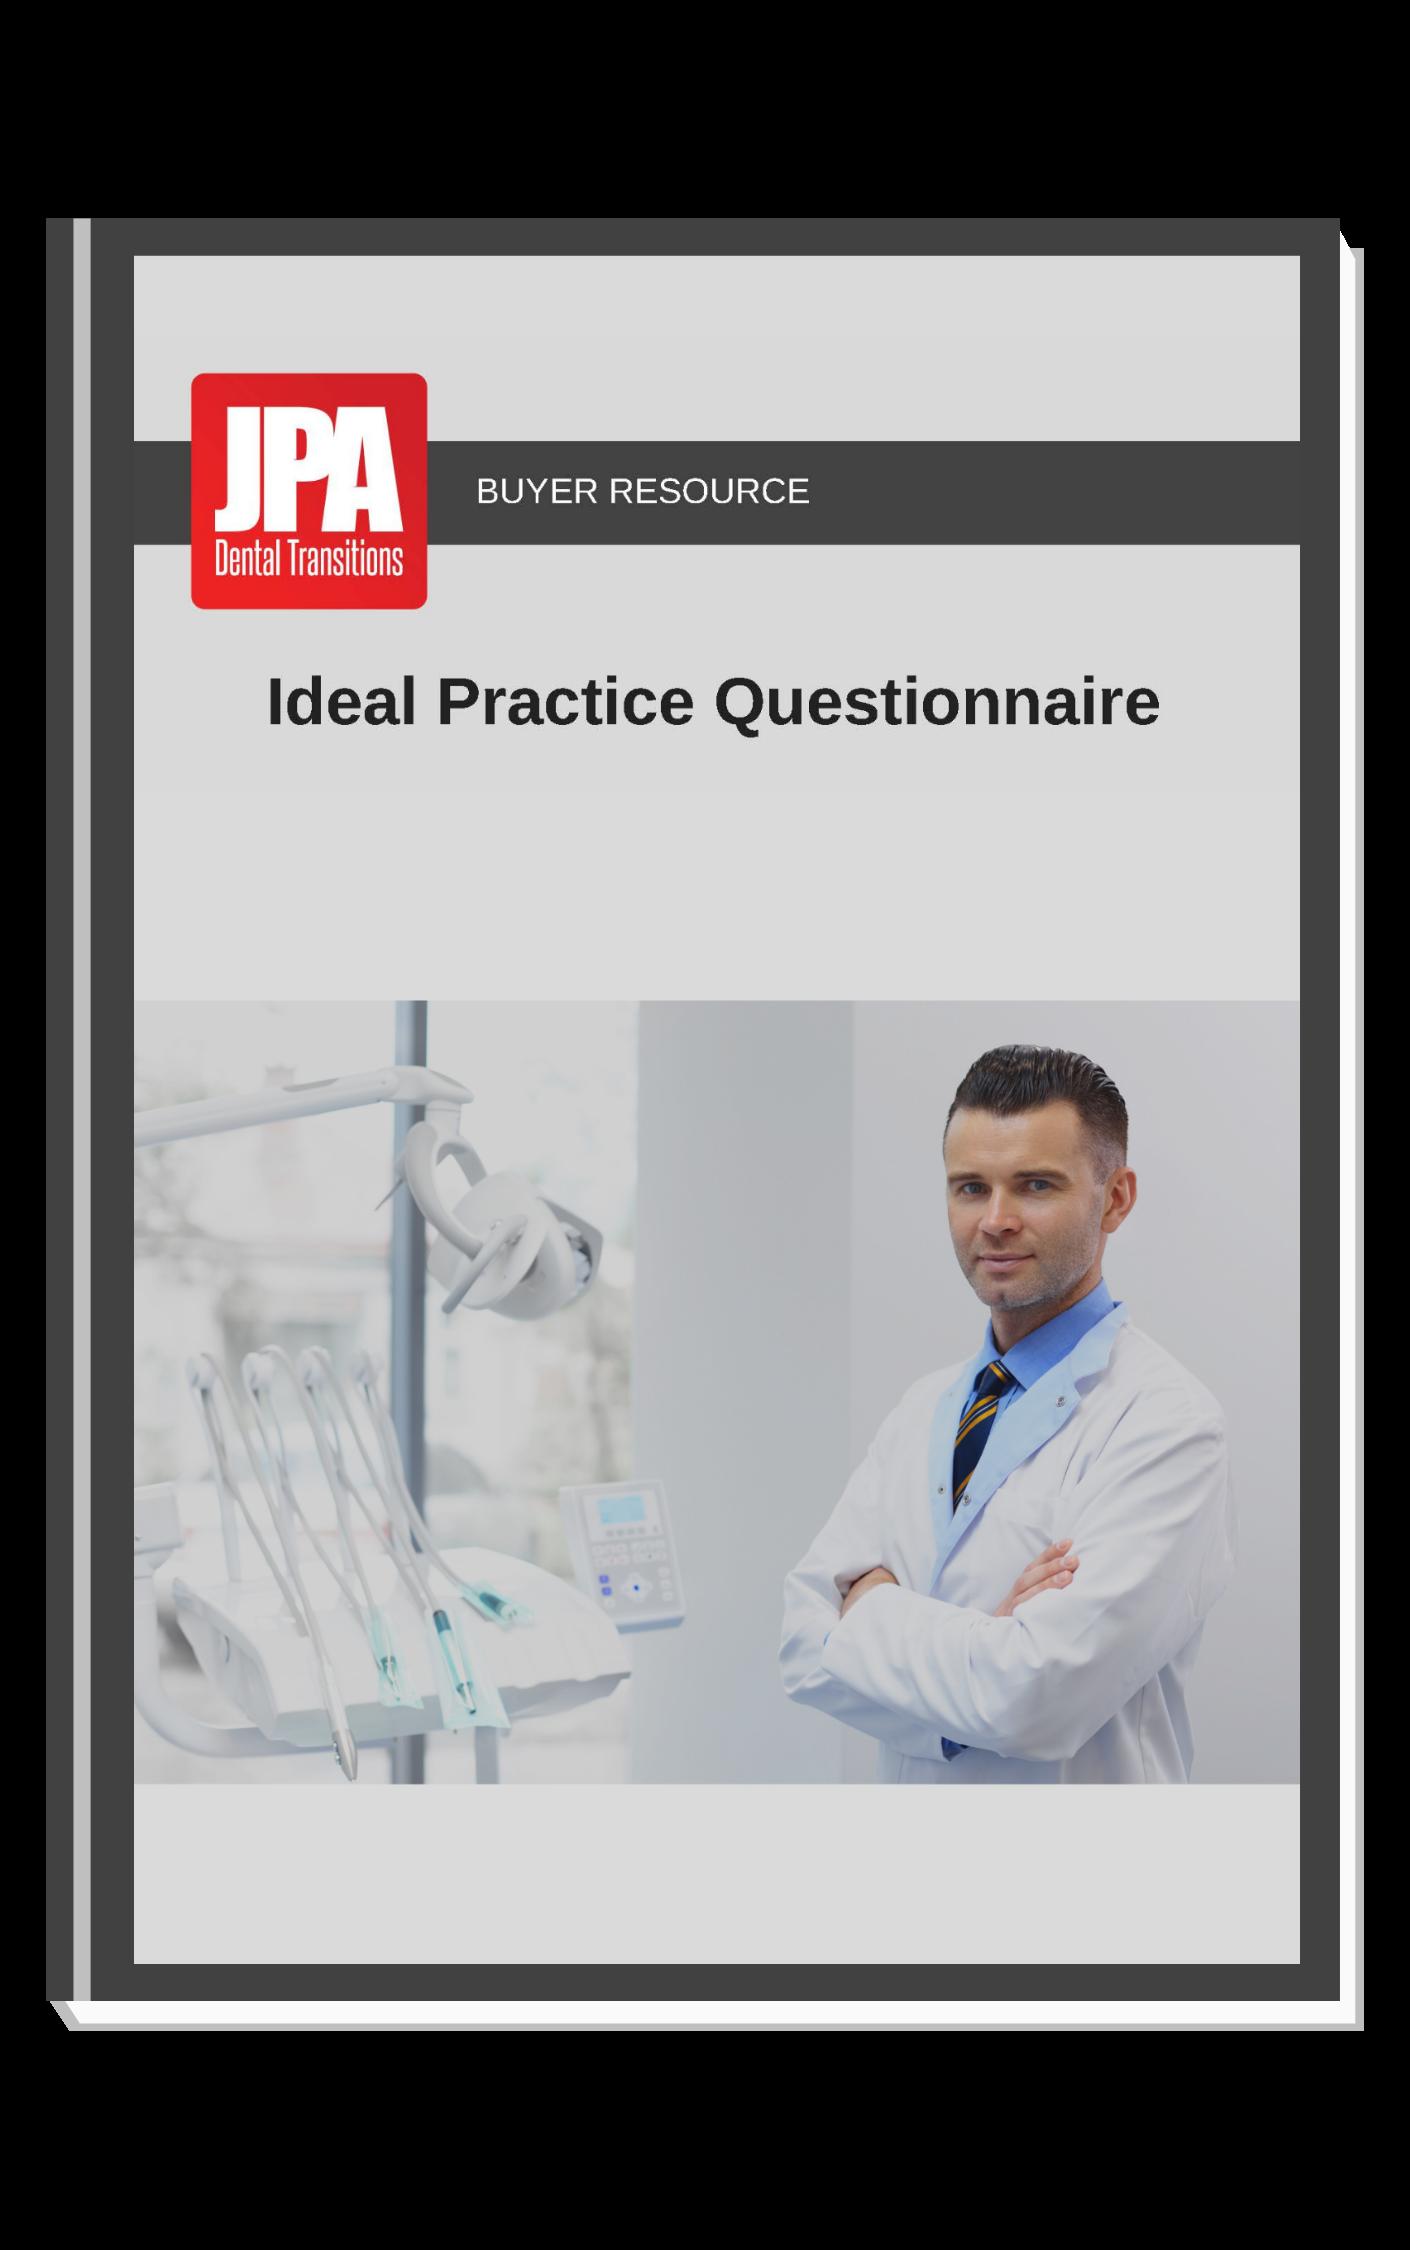 Buyer Ideal Practice Questionare